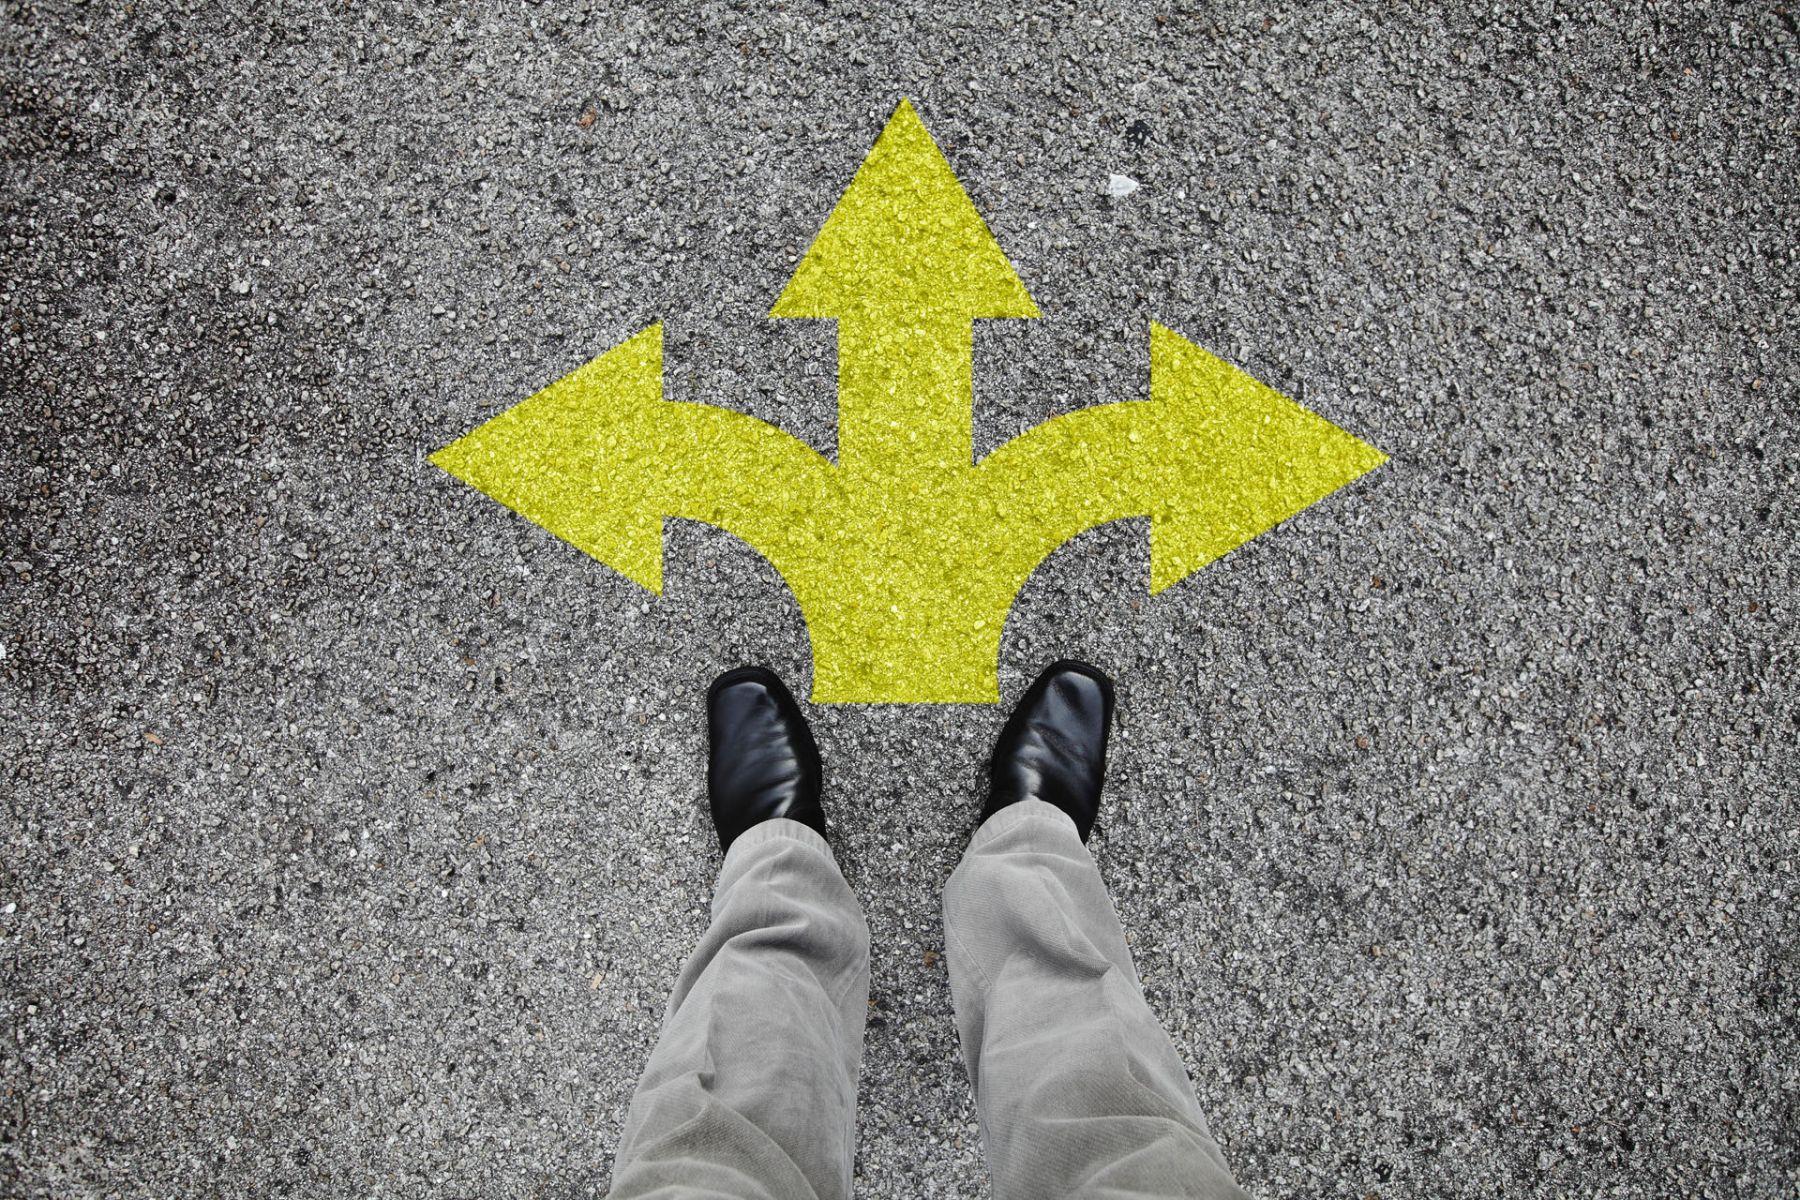 繼續上班,還是辭職創業?你的生涯不是十字路口,不必困在「二選一」裡